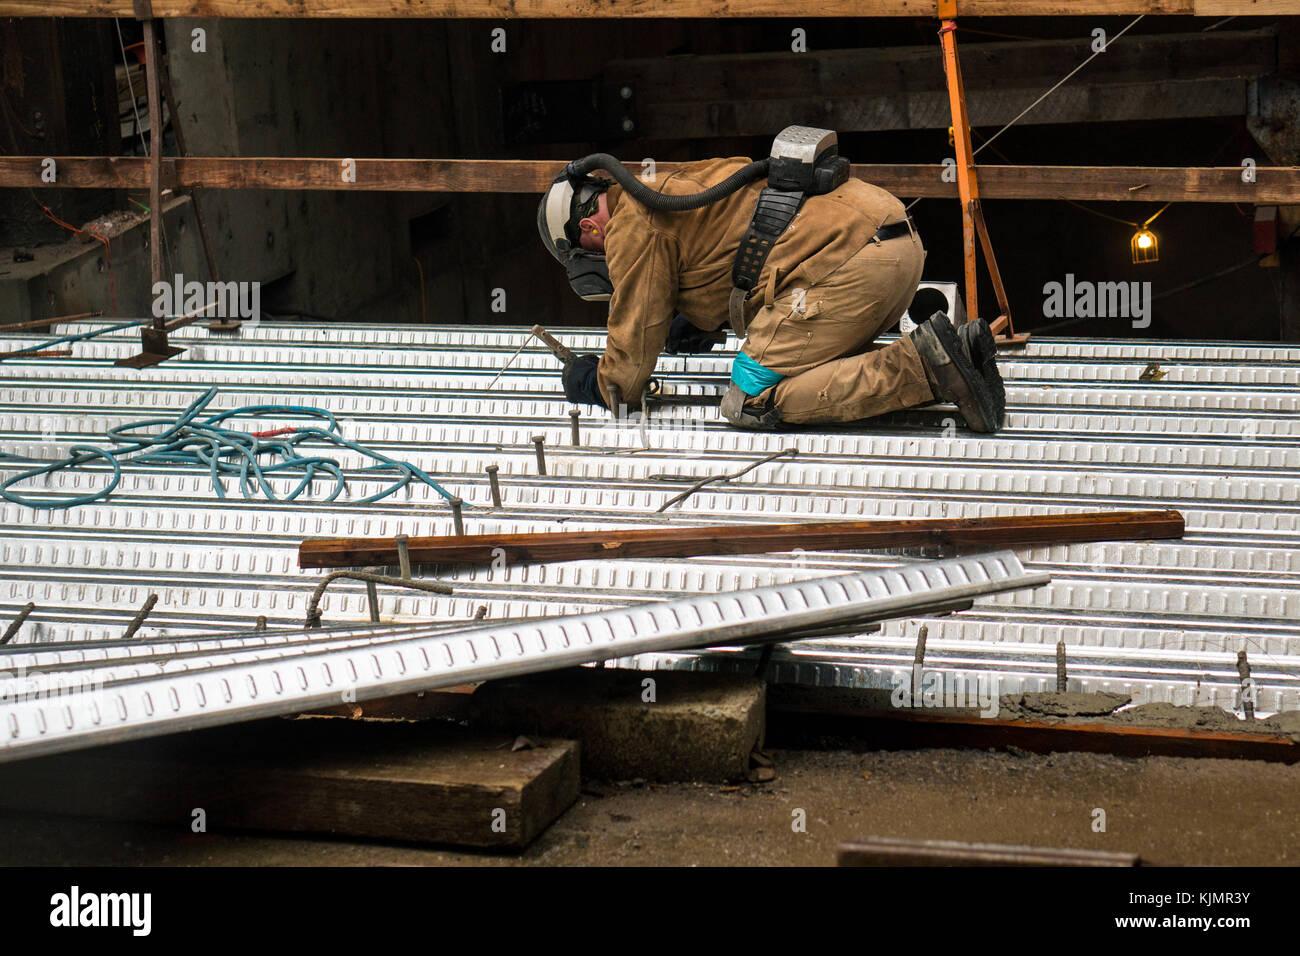 Un homme sur les genoux de soudure de la tôle tout en portant un casque de  protection, masque de protection respiratoire, et fait son travail sur un  ... a8cf4c0b8900